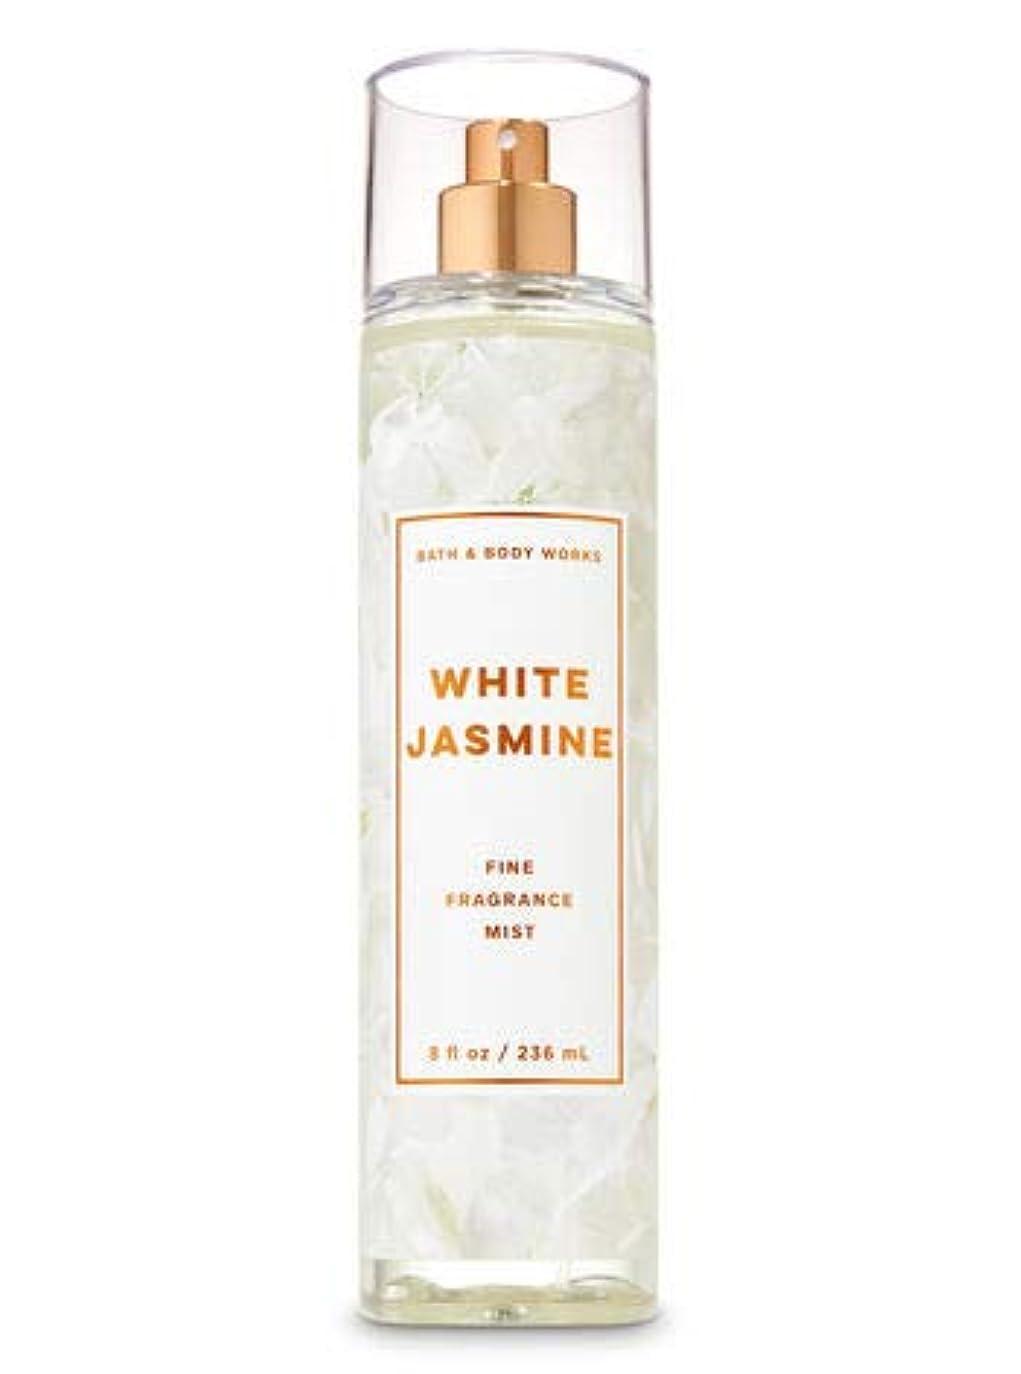 気味の悪い特性暗唱する【Bath&Body Works/バス&ボディワークス】 ファインフレグランスミスト ホワイトジャスミン Fine Fragrance Mist White Jasmine 8oz (236ml) [並行輸入品]